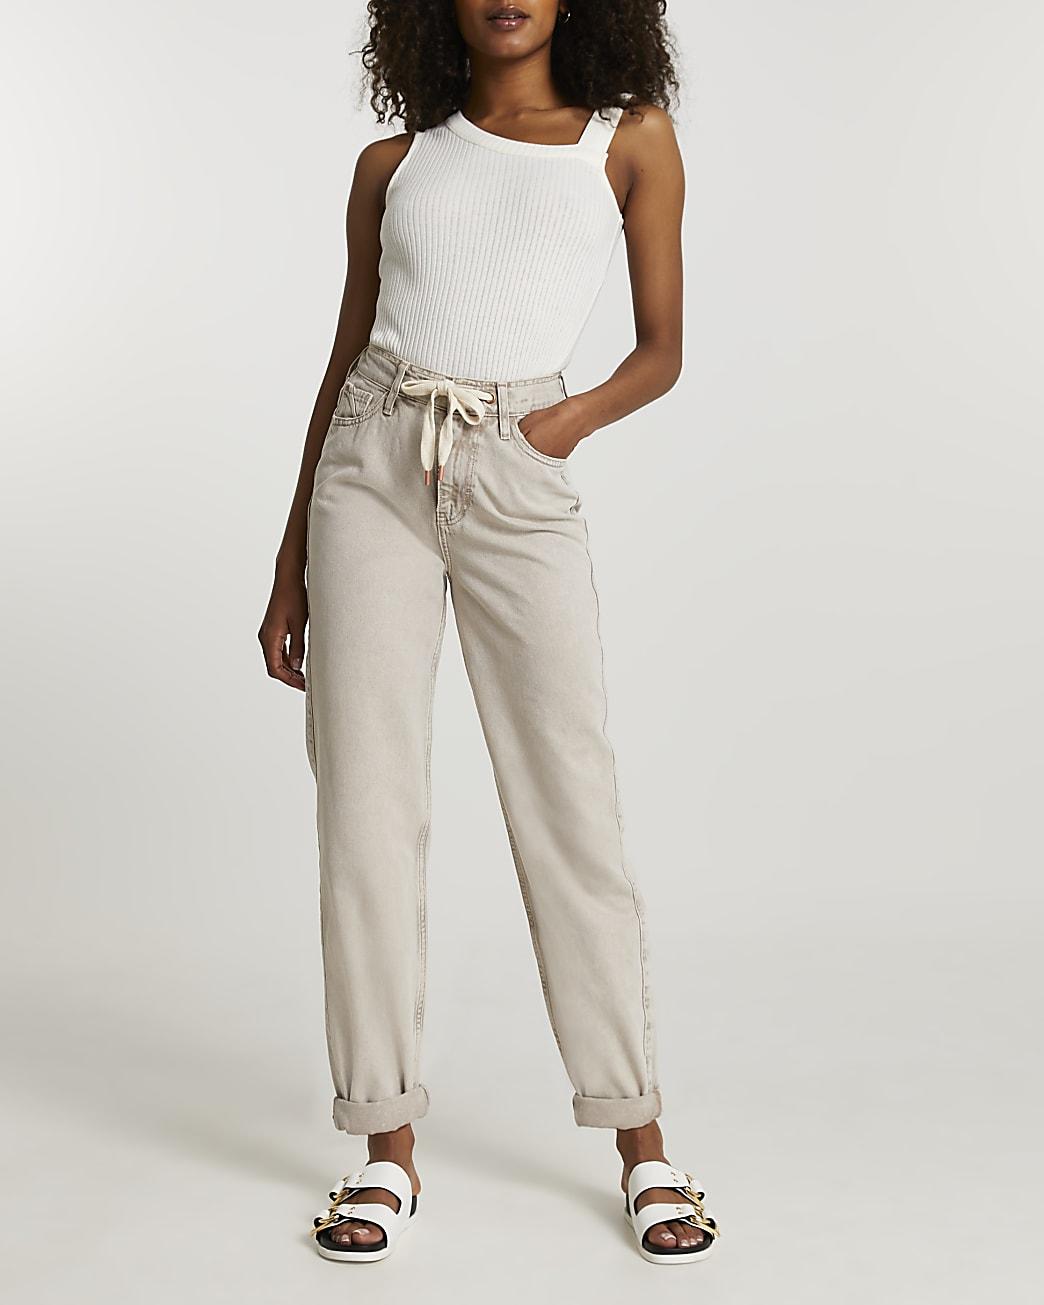 Ecru high waisted oversized mom jeans